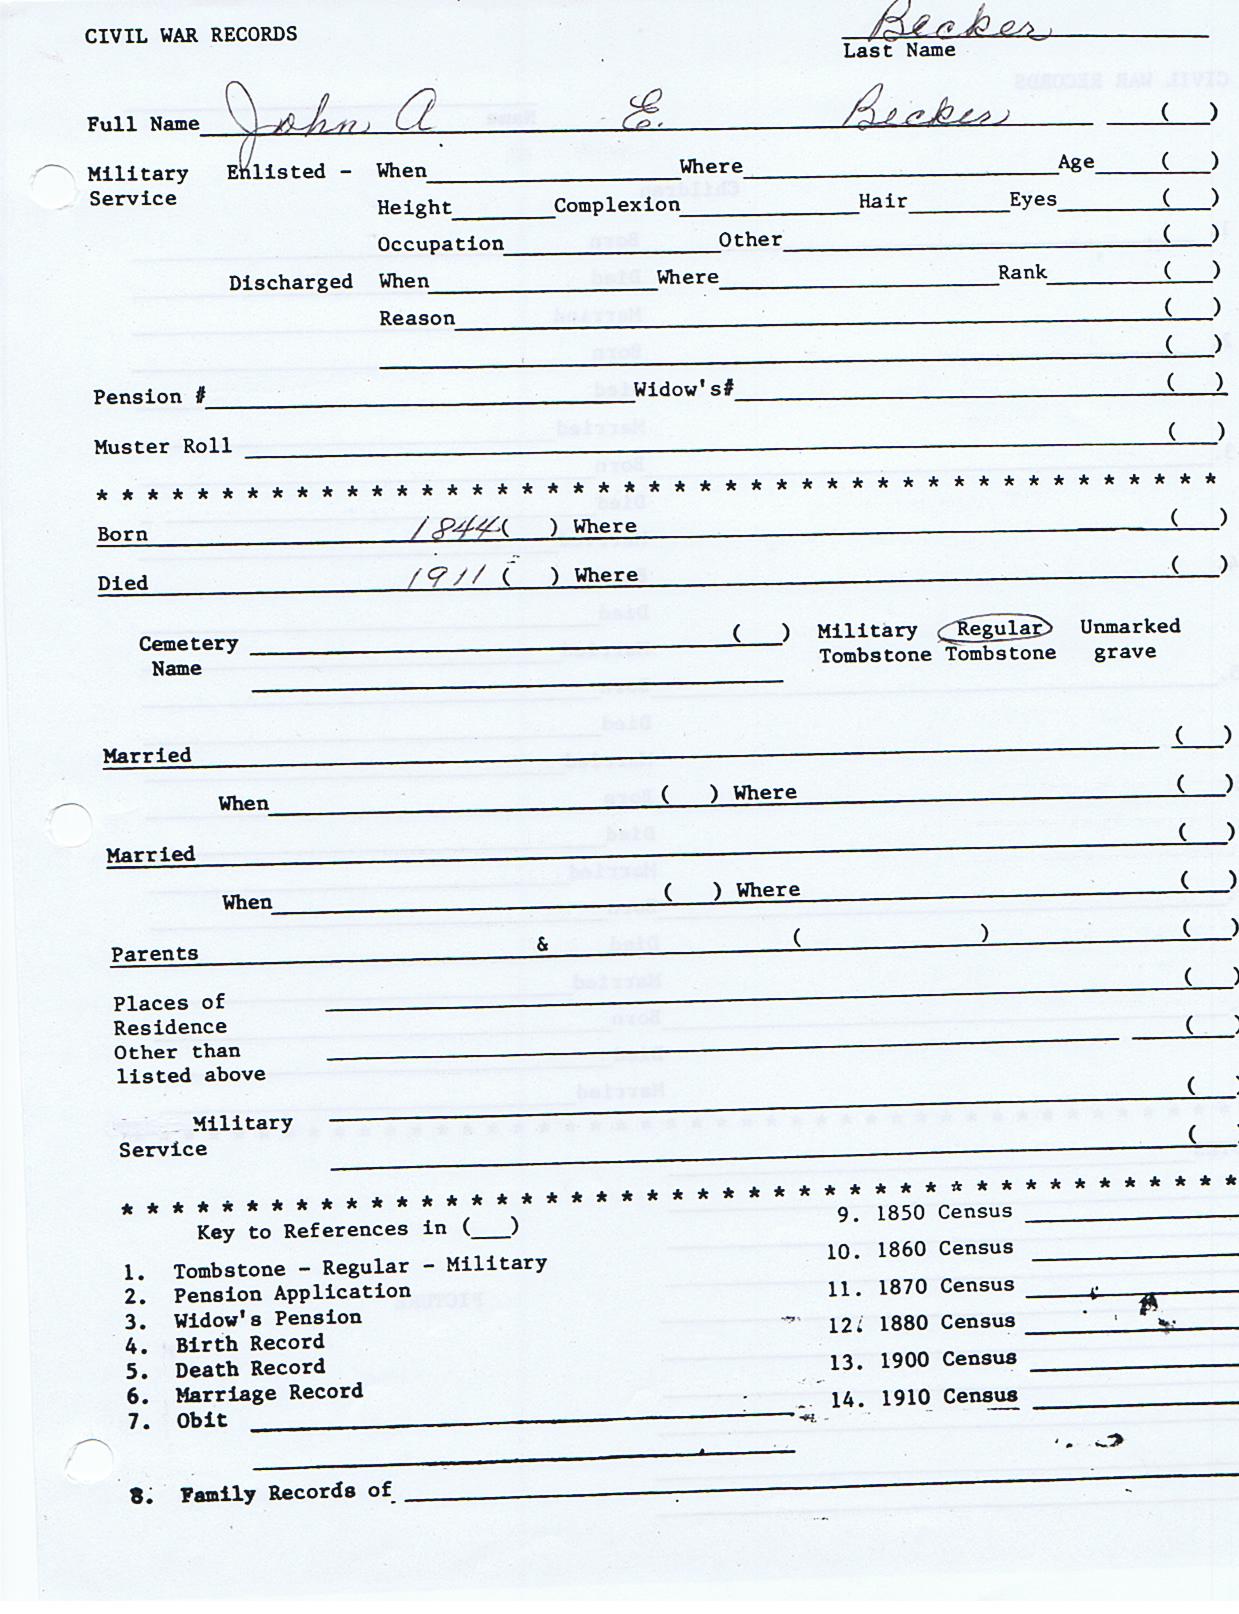 becker-kaufman_civil_war_records-3501